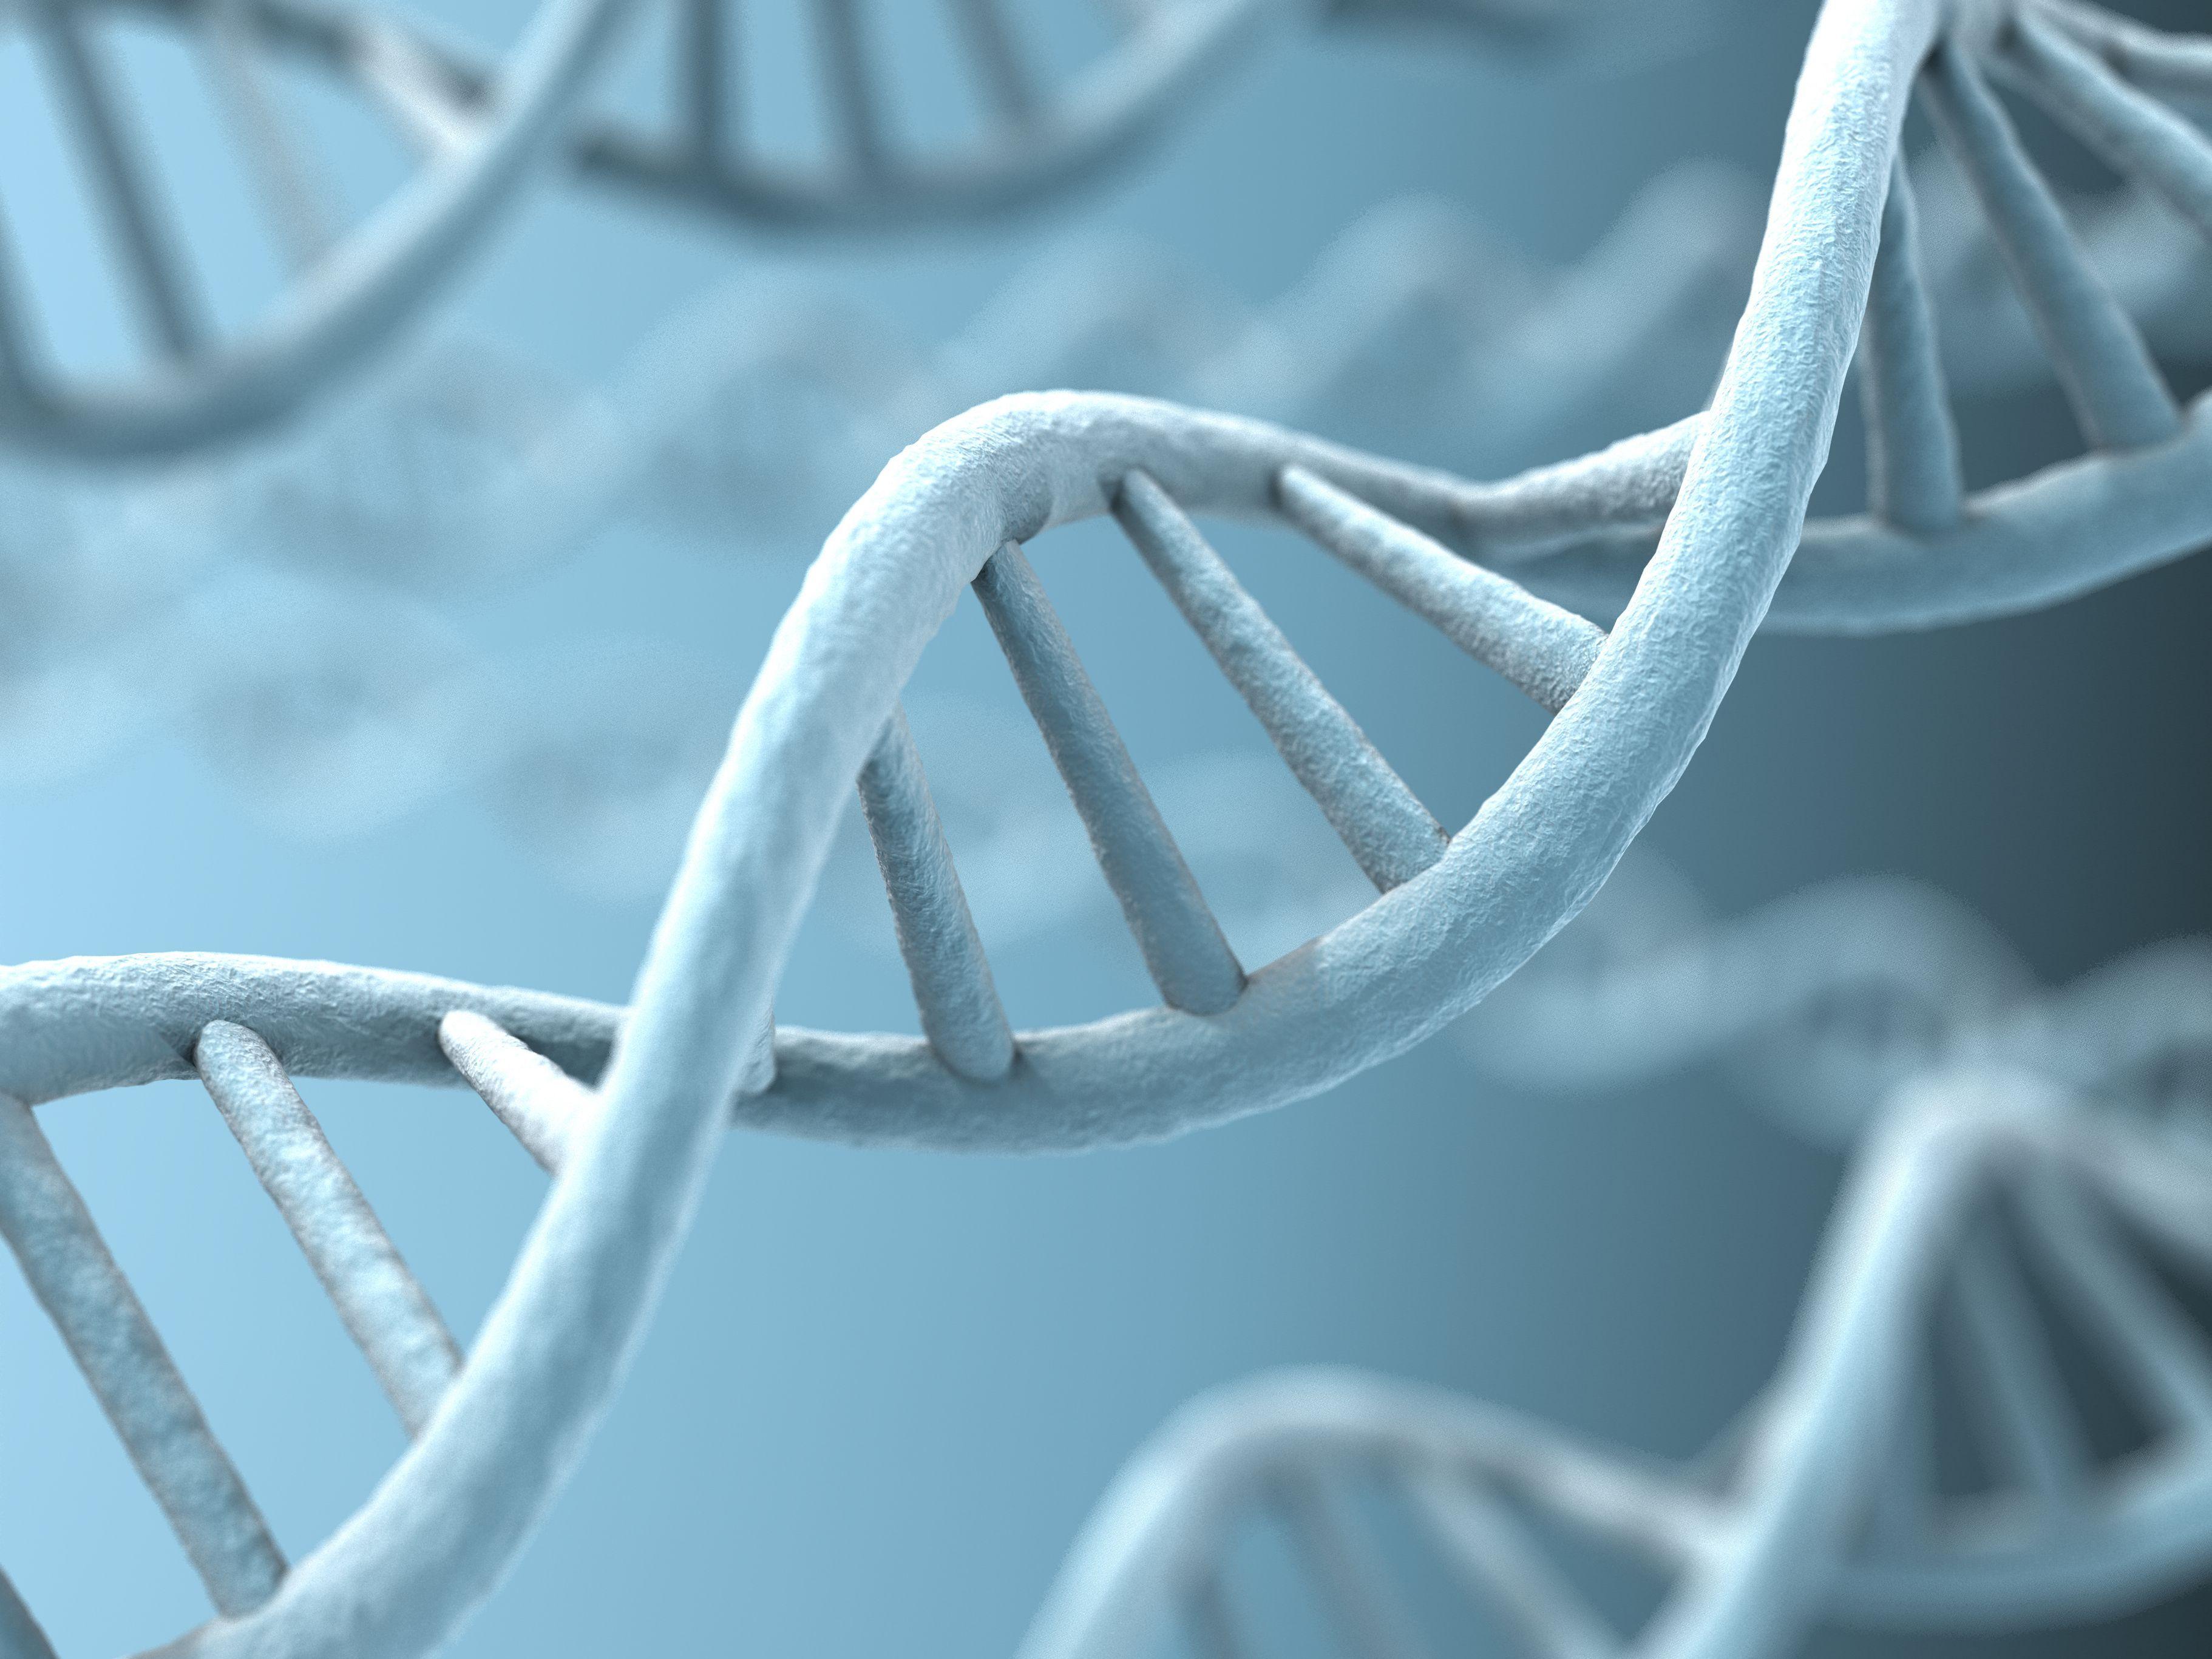 Better Framework Needed for Genomic Sequence Reanalysis